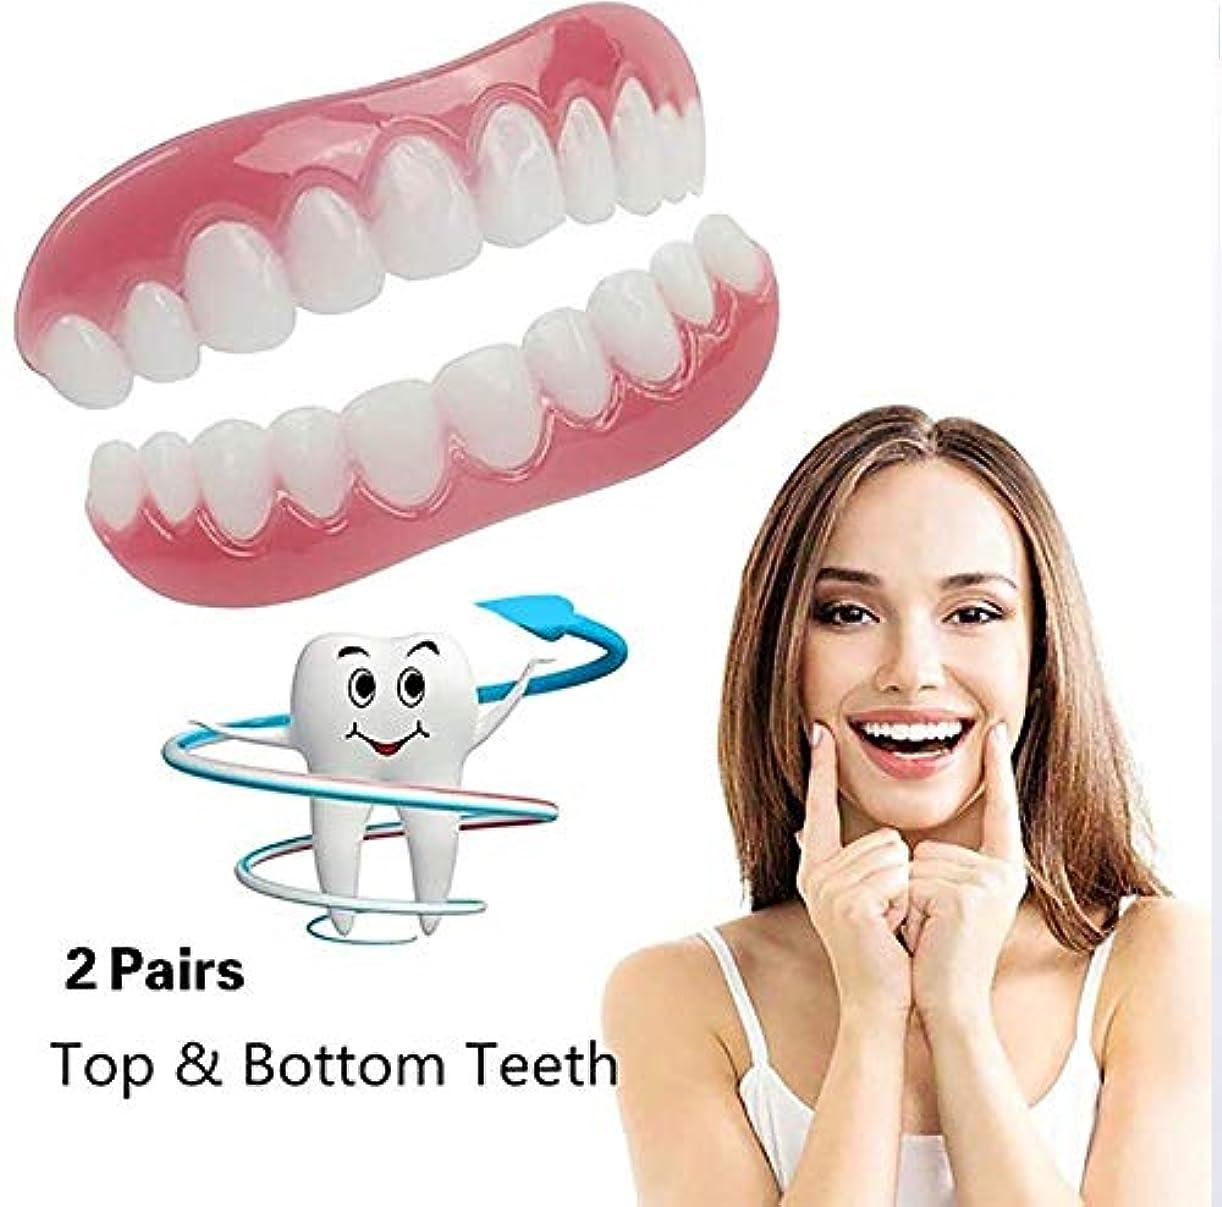 別に予想する回答パーフェクトインスタントスマイルティースベニヤインスタントビューティー2本入れ歯2本下歯(フリーサイズ(中))